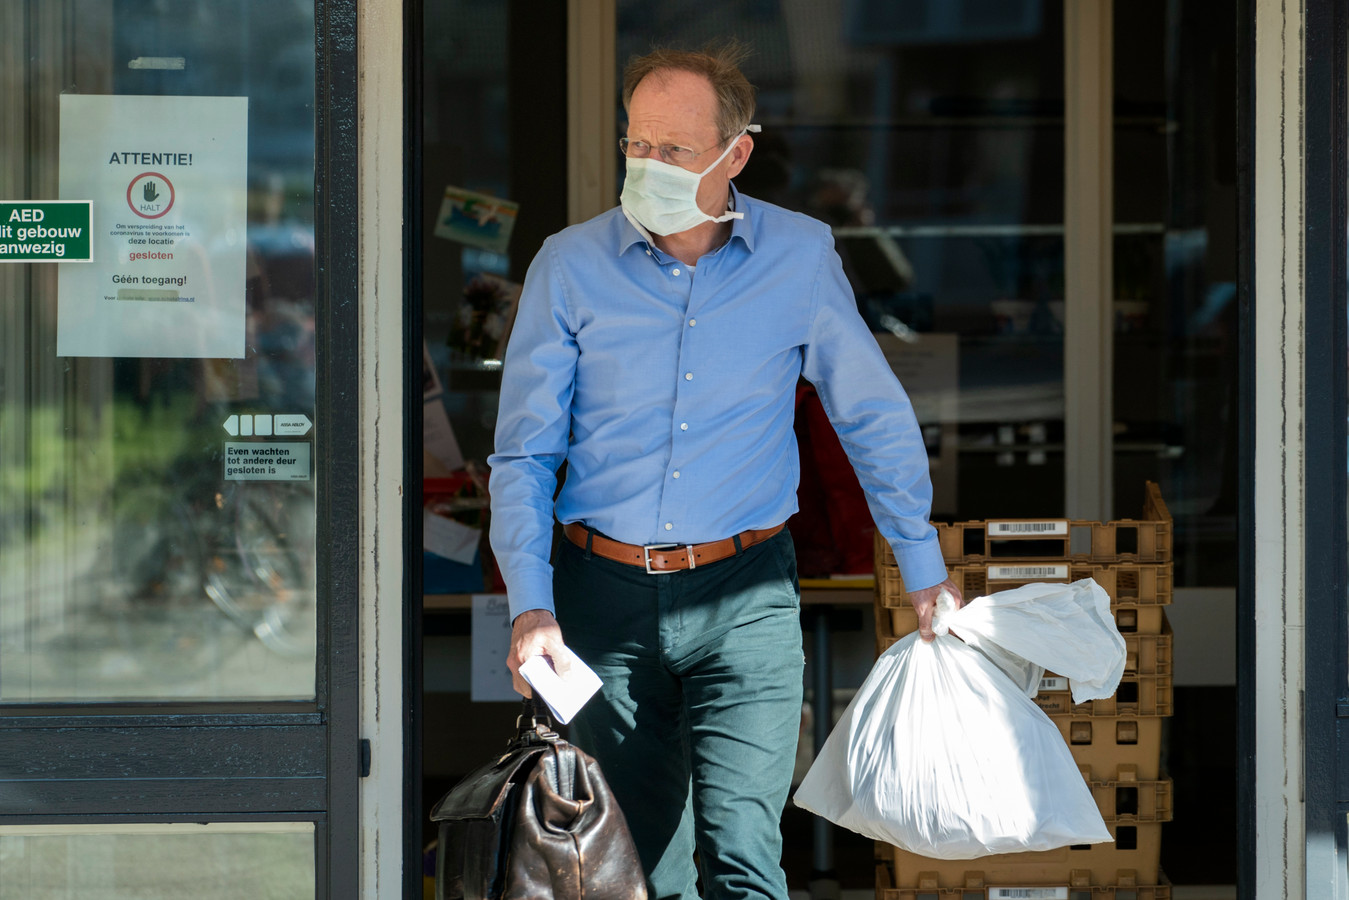 Een dokter met mondkapje verlaat een verzorgingstehuis.